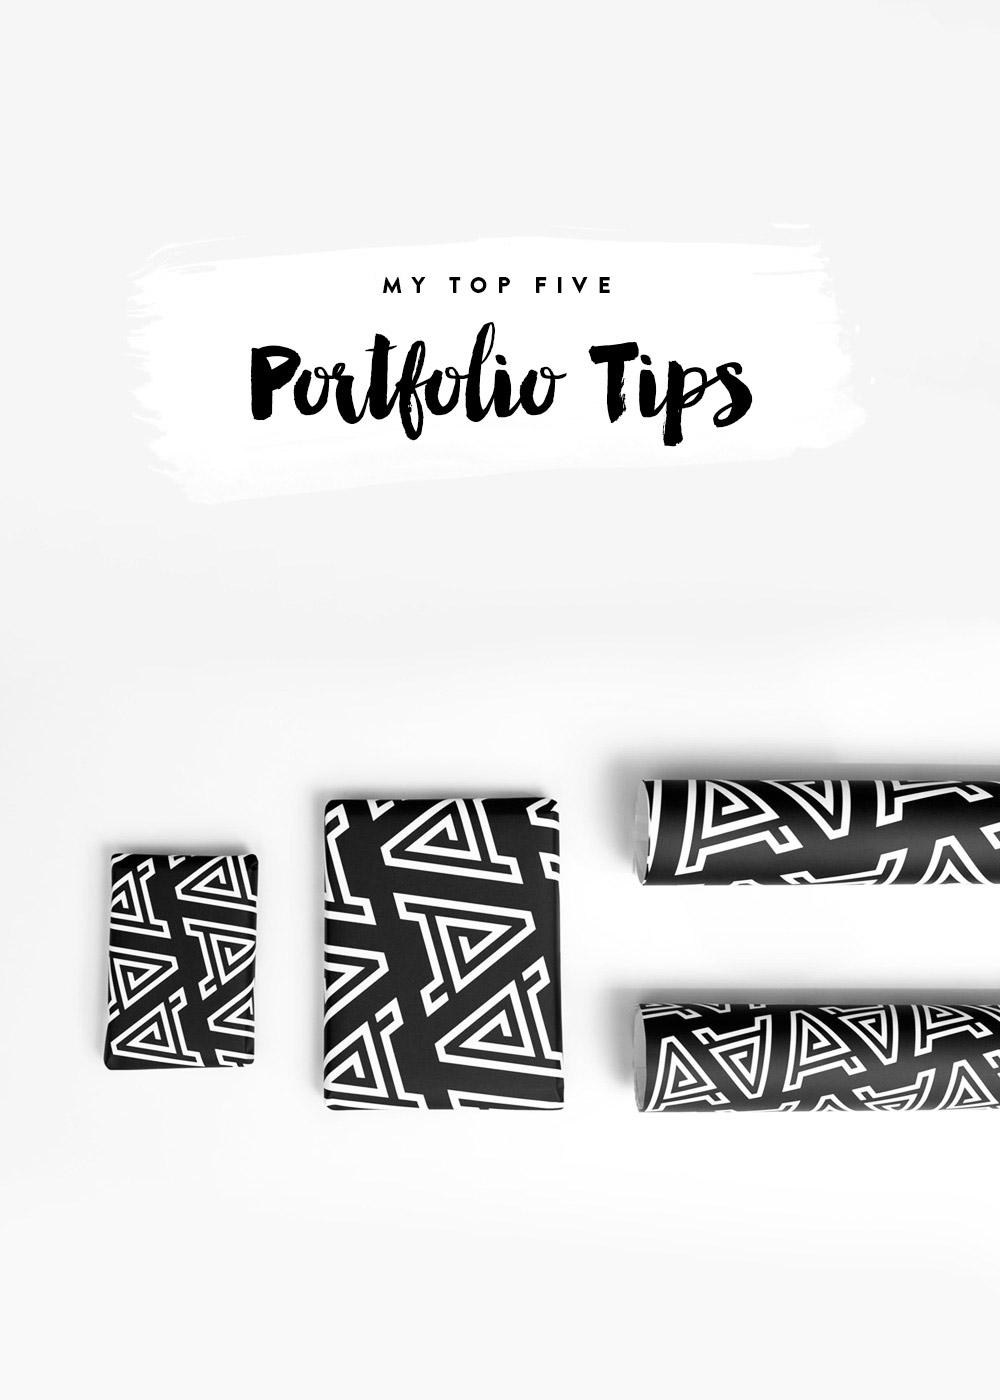 Nubby Twiglet | 5 Portfolio Tips